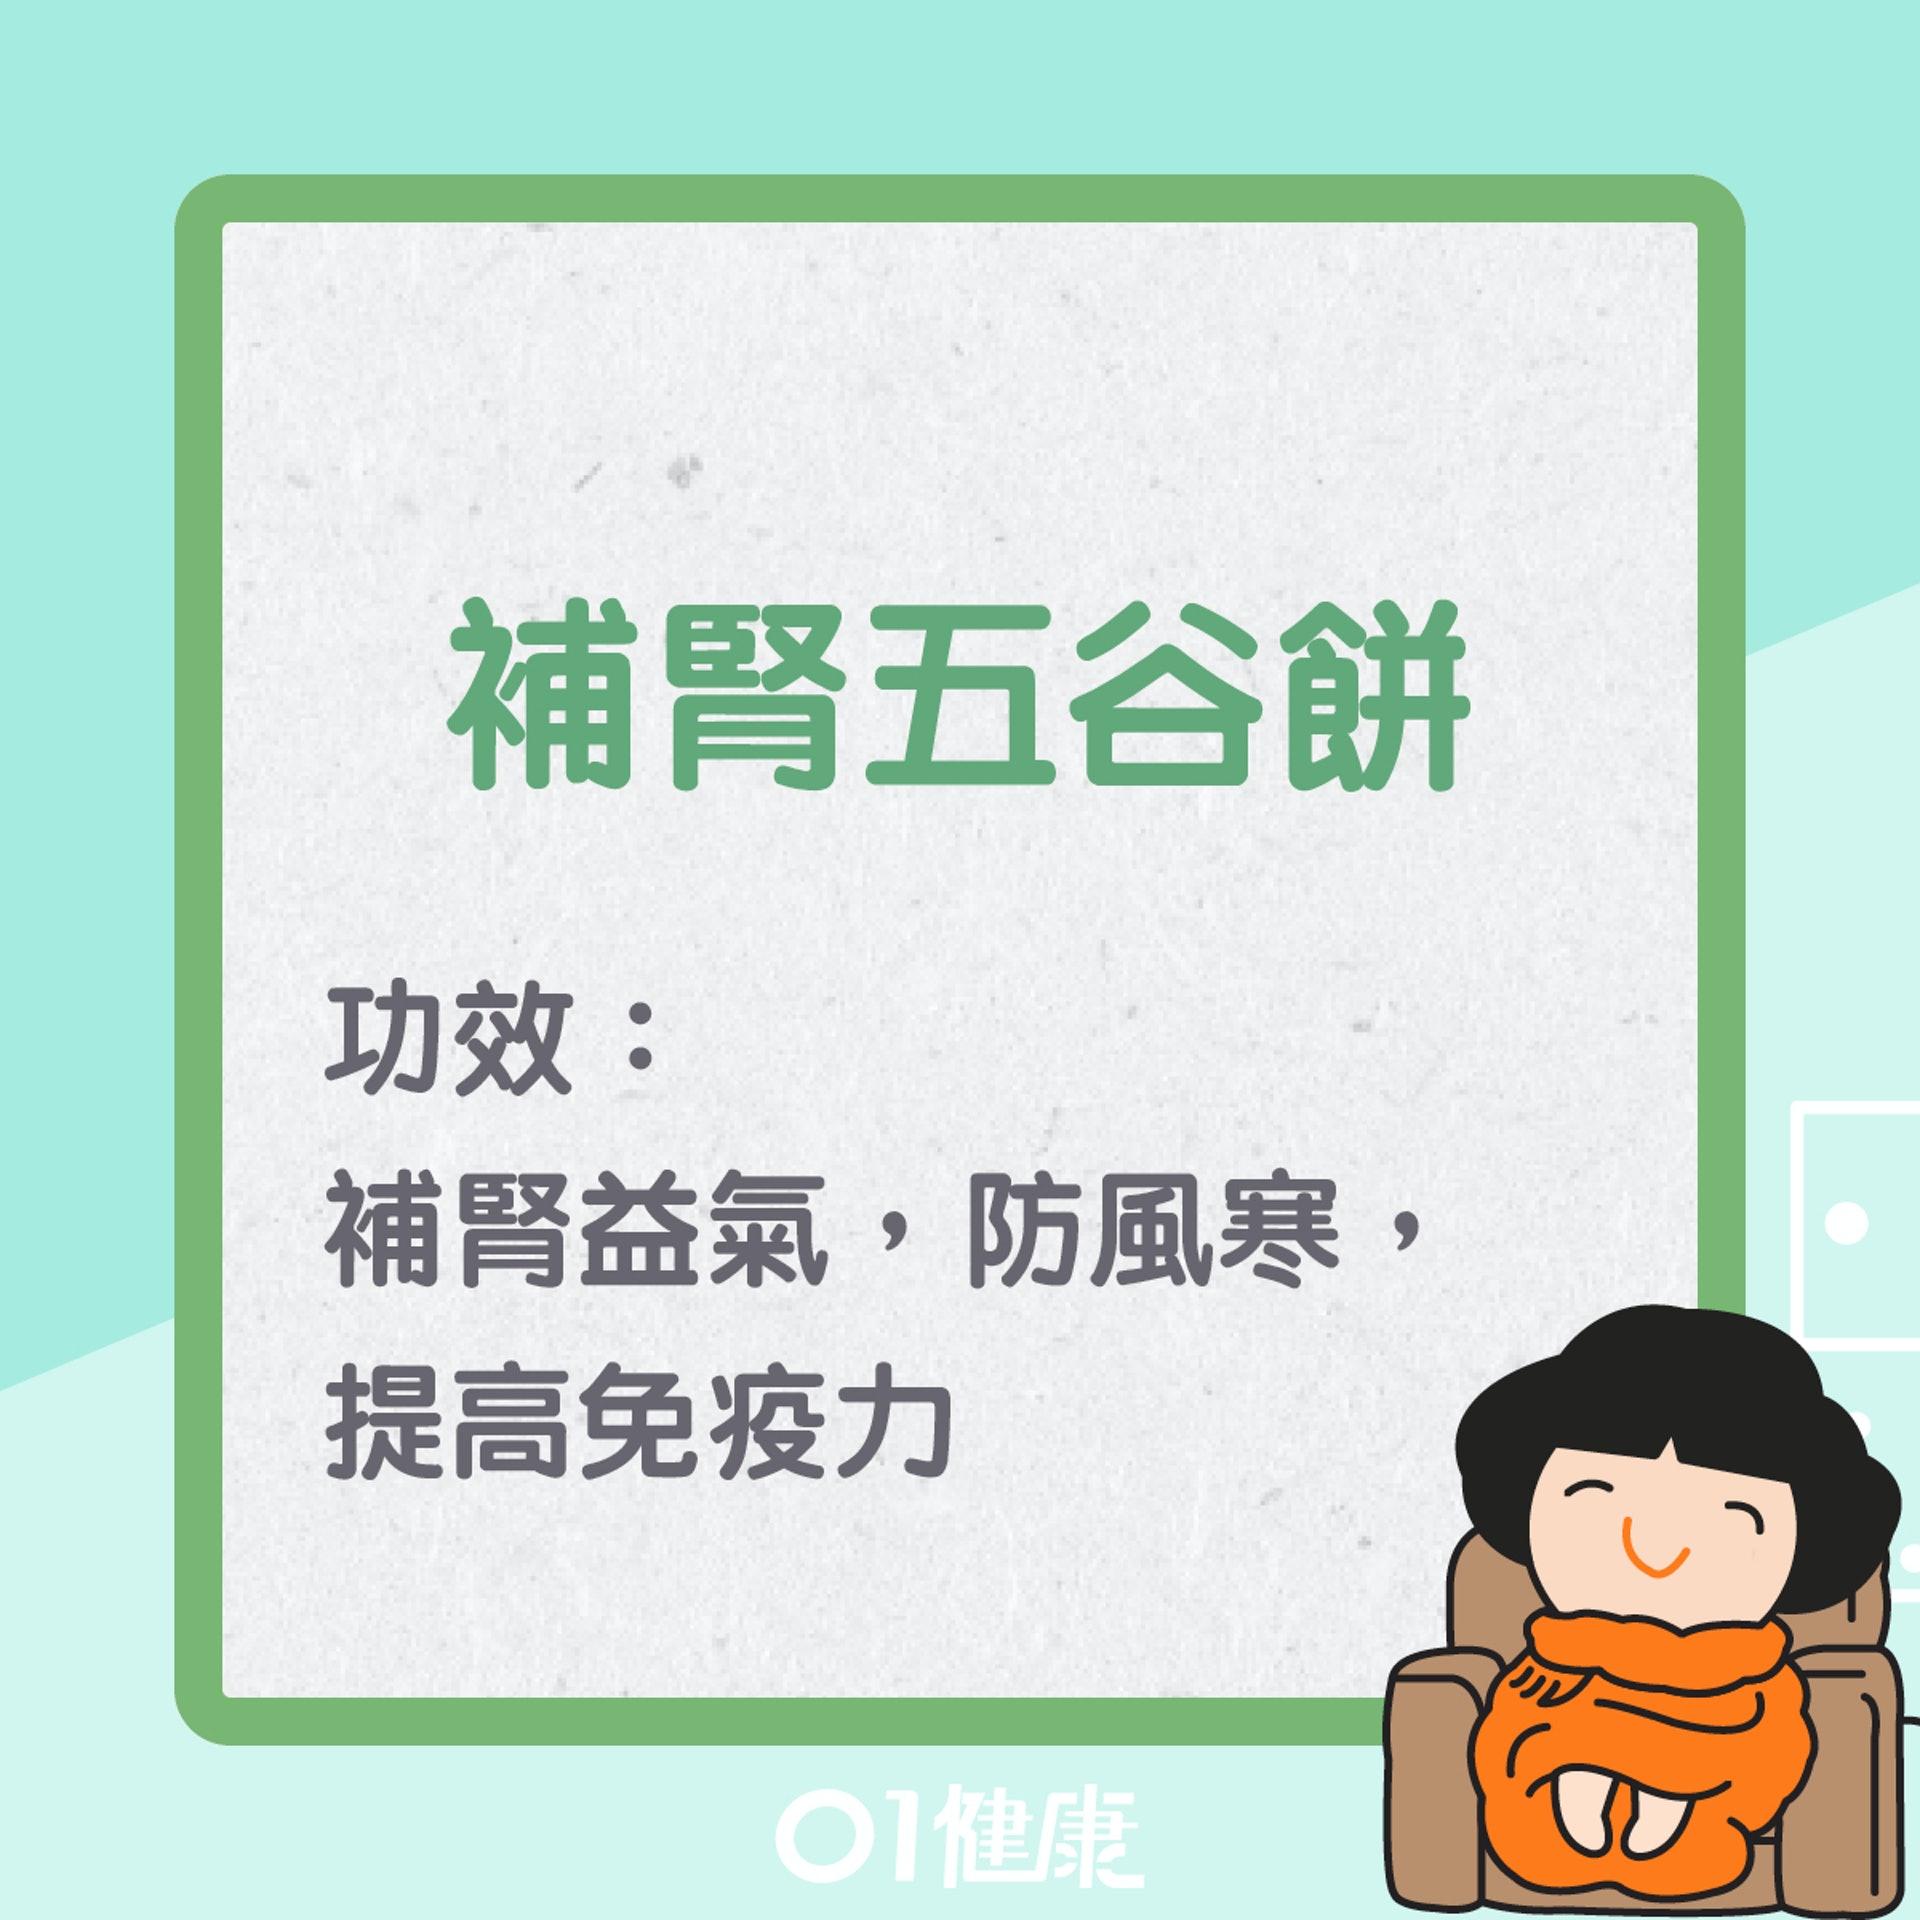 補腎五谷餅(01製圖)